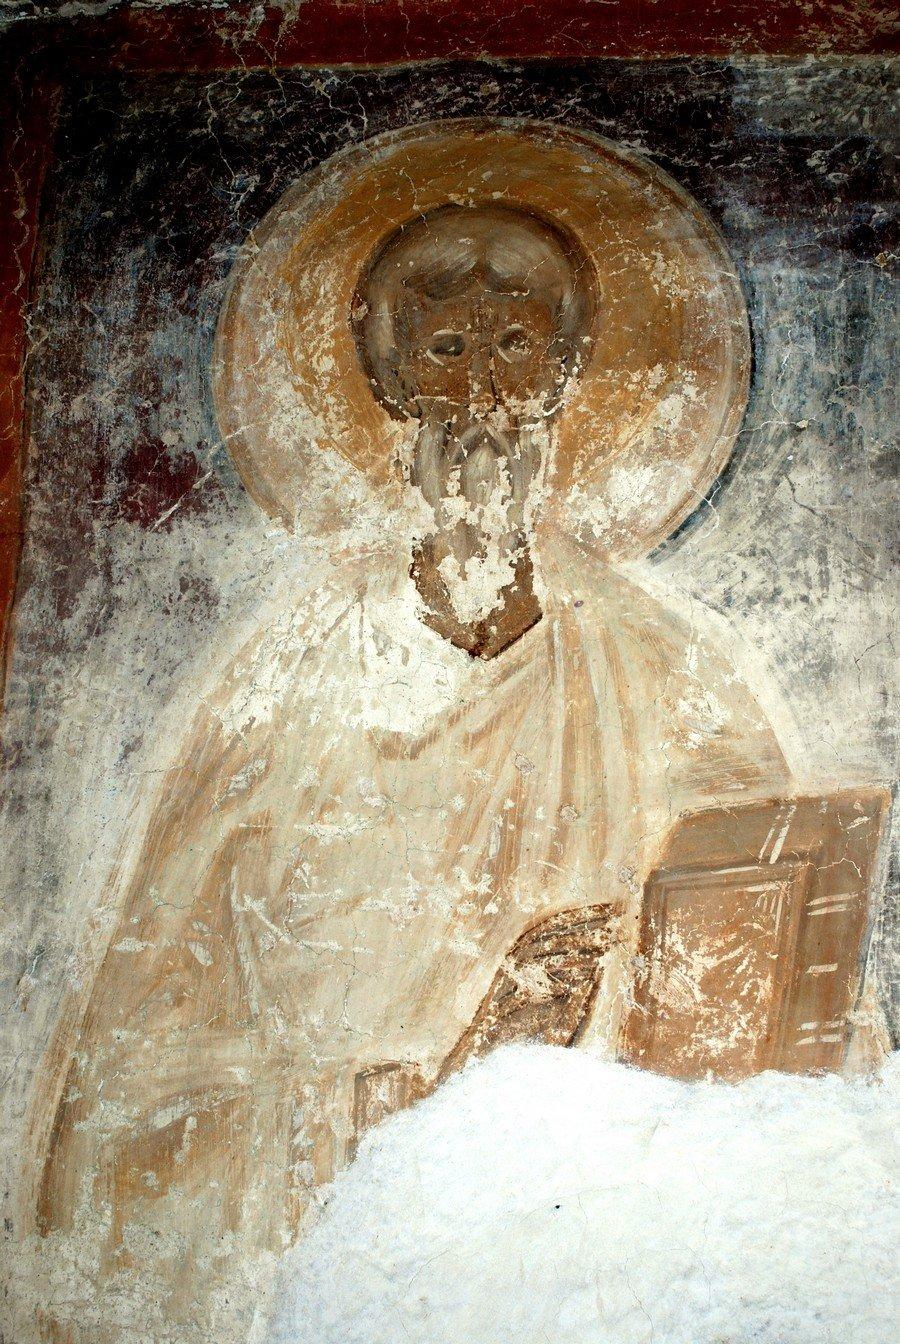 Святой пресвитер. Фреска церкви Святого Феодора Стратилата на Ручью в Великом Новгороде. 1380 - 1390-е годы.